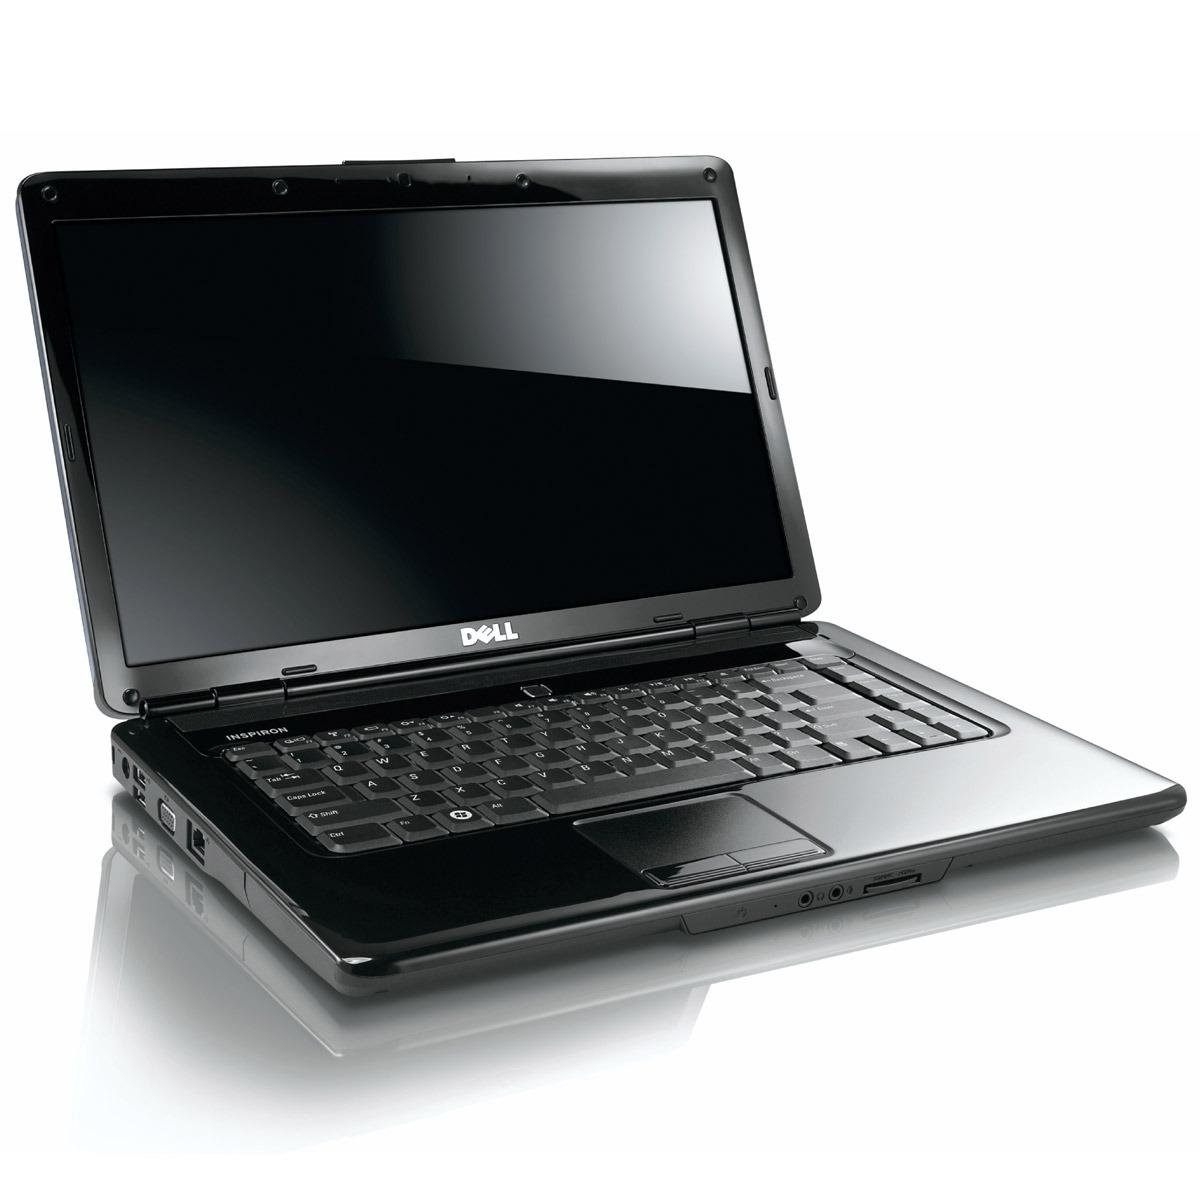 """PC portable Dell Inspiron 1545 Noir Dell Inspiron 1545 Noir - Intel Pentium Dual-Core T4500 4 Go 500 Go 15.6"""" LCD Graveur DVD Wi-Fi G Webcam Windows 7 Premium 64 bits"""